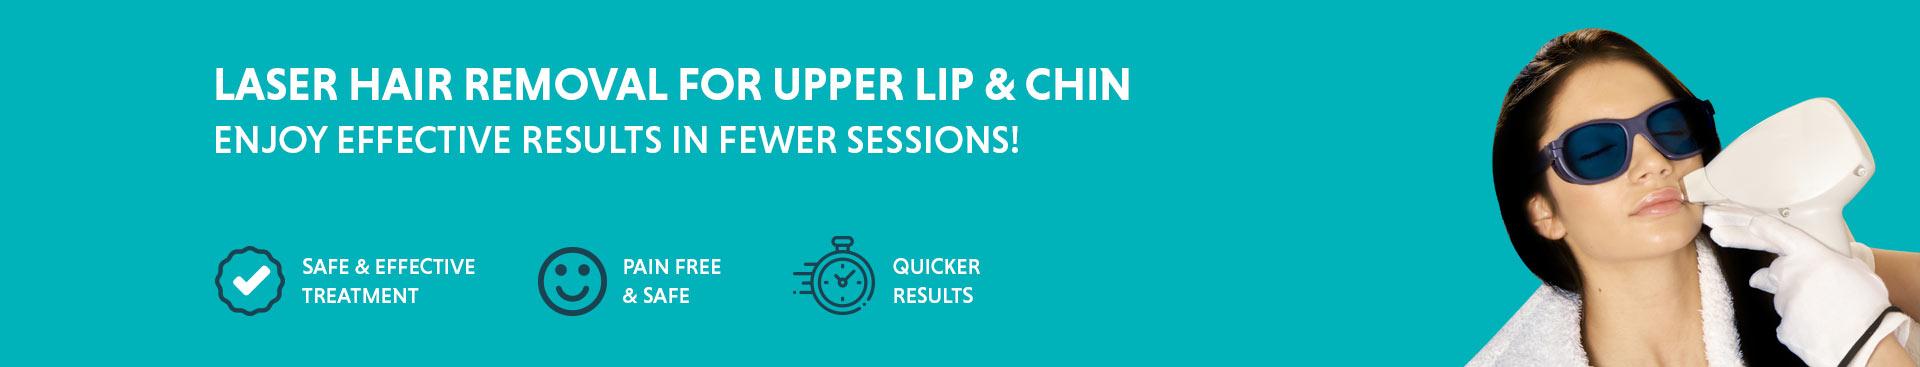 Upper lip laser hair removal